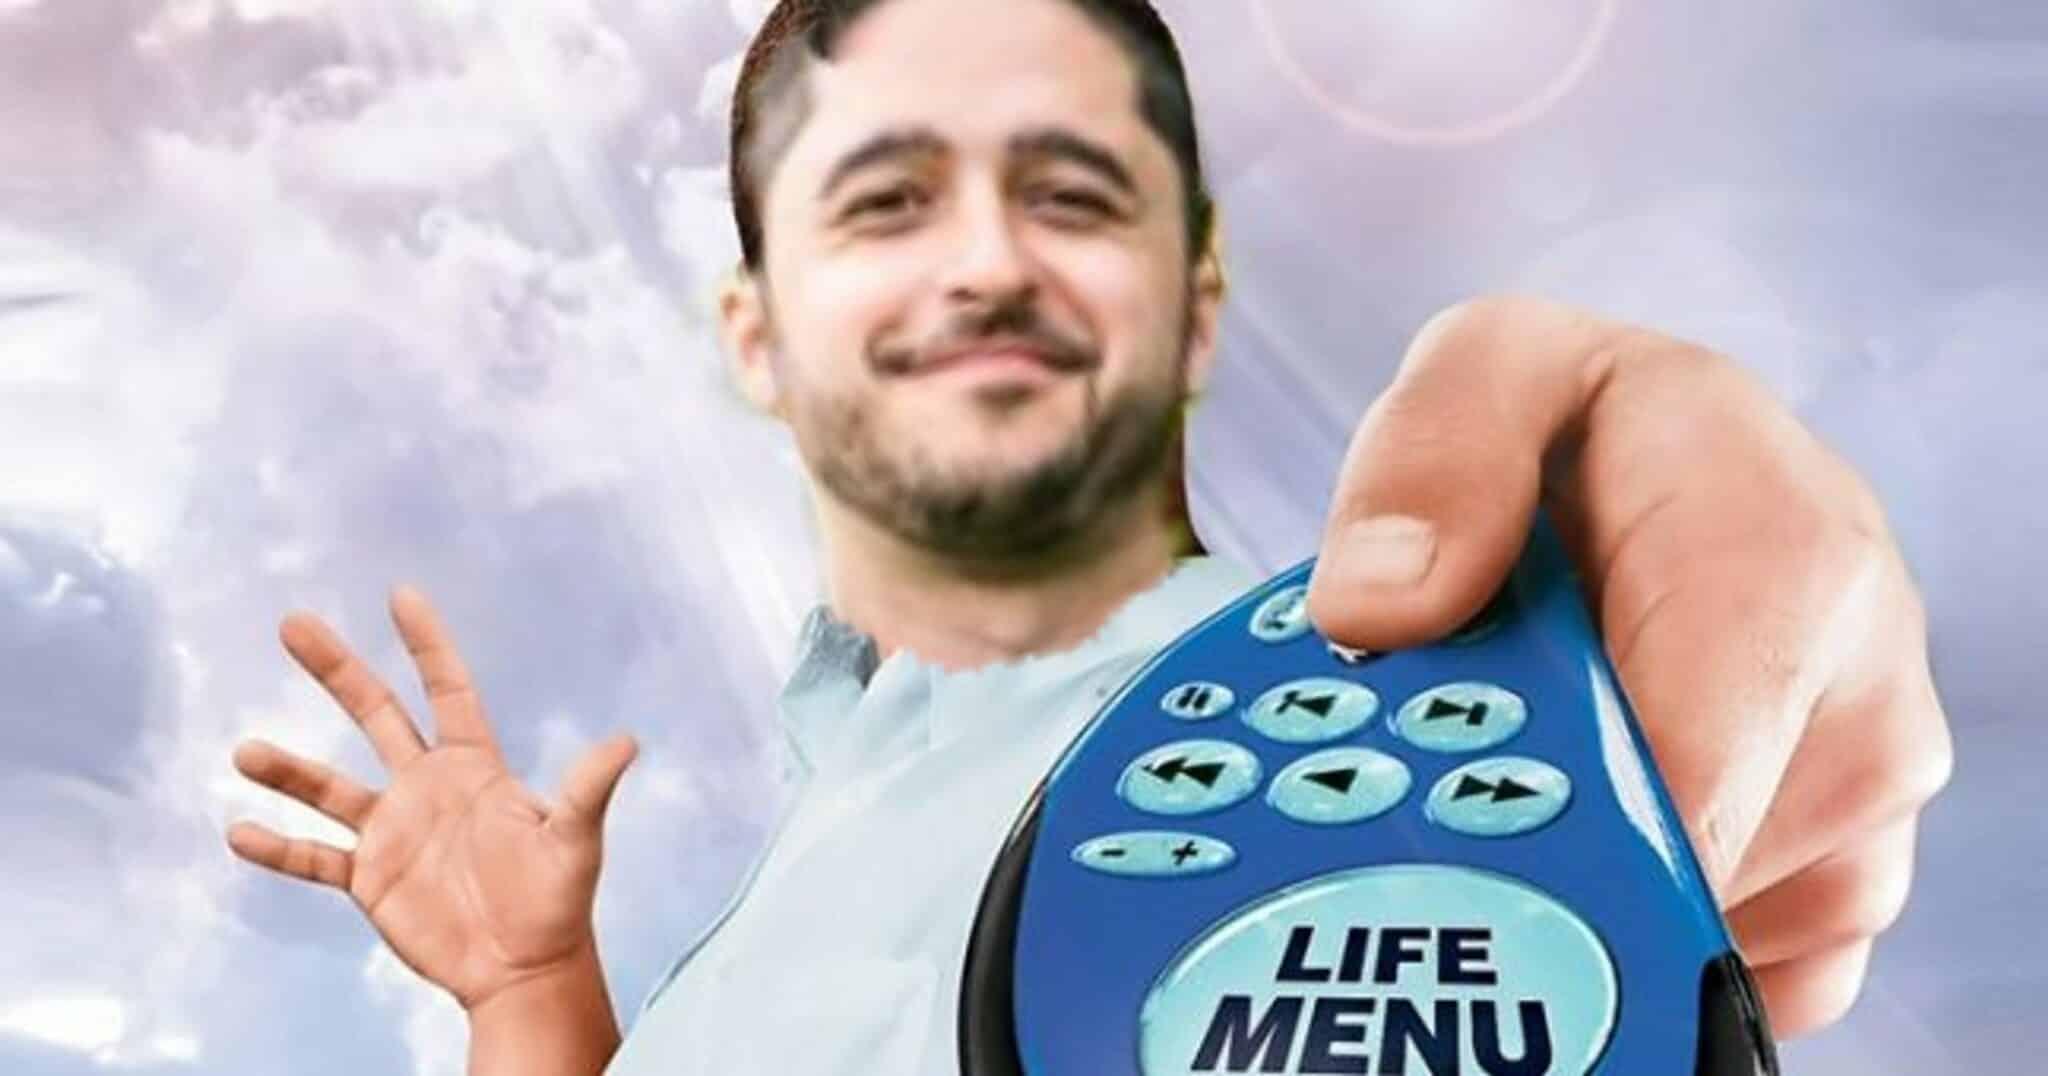 jared click remote